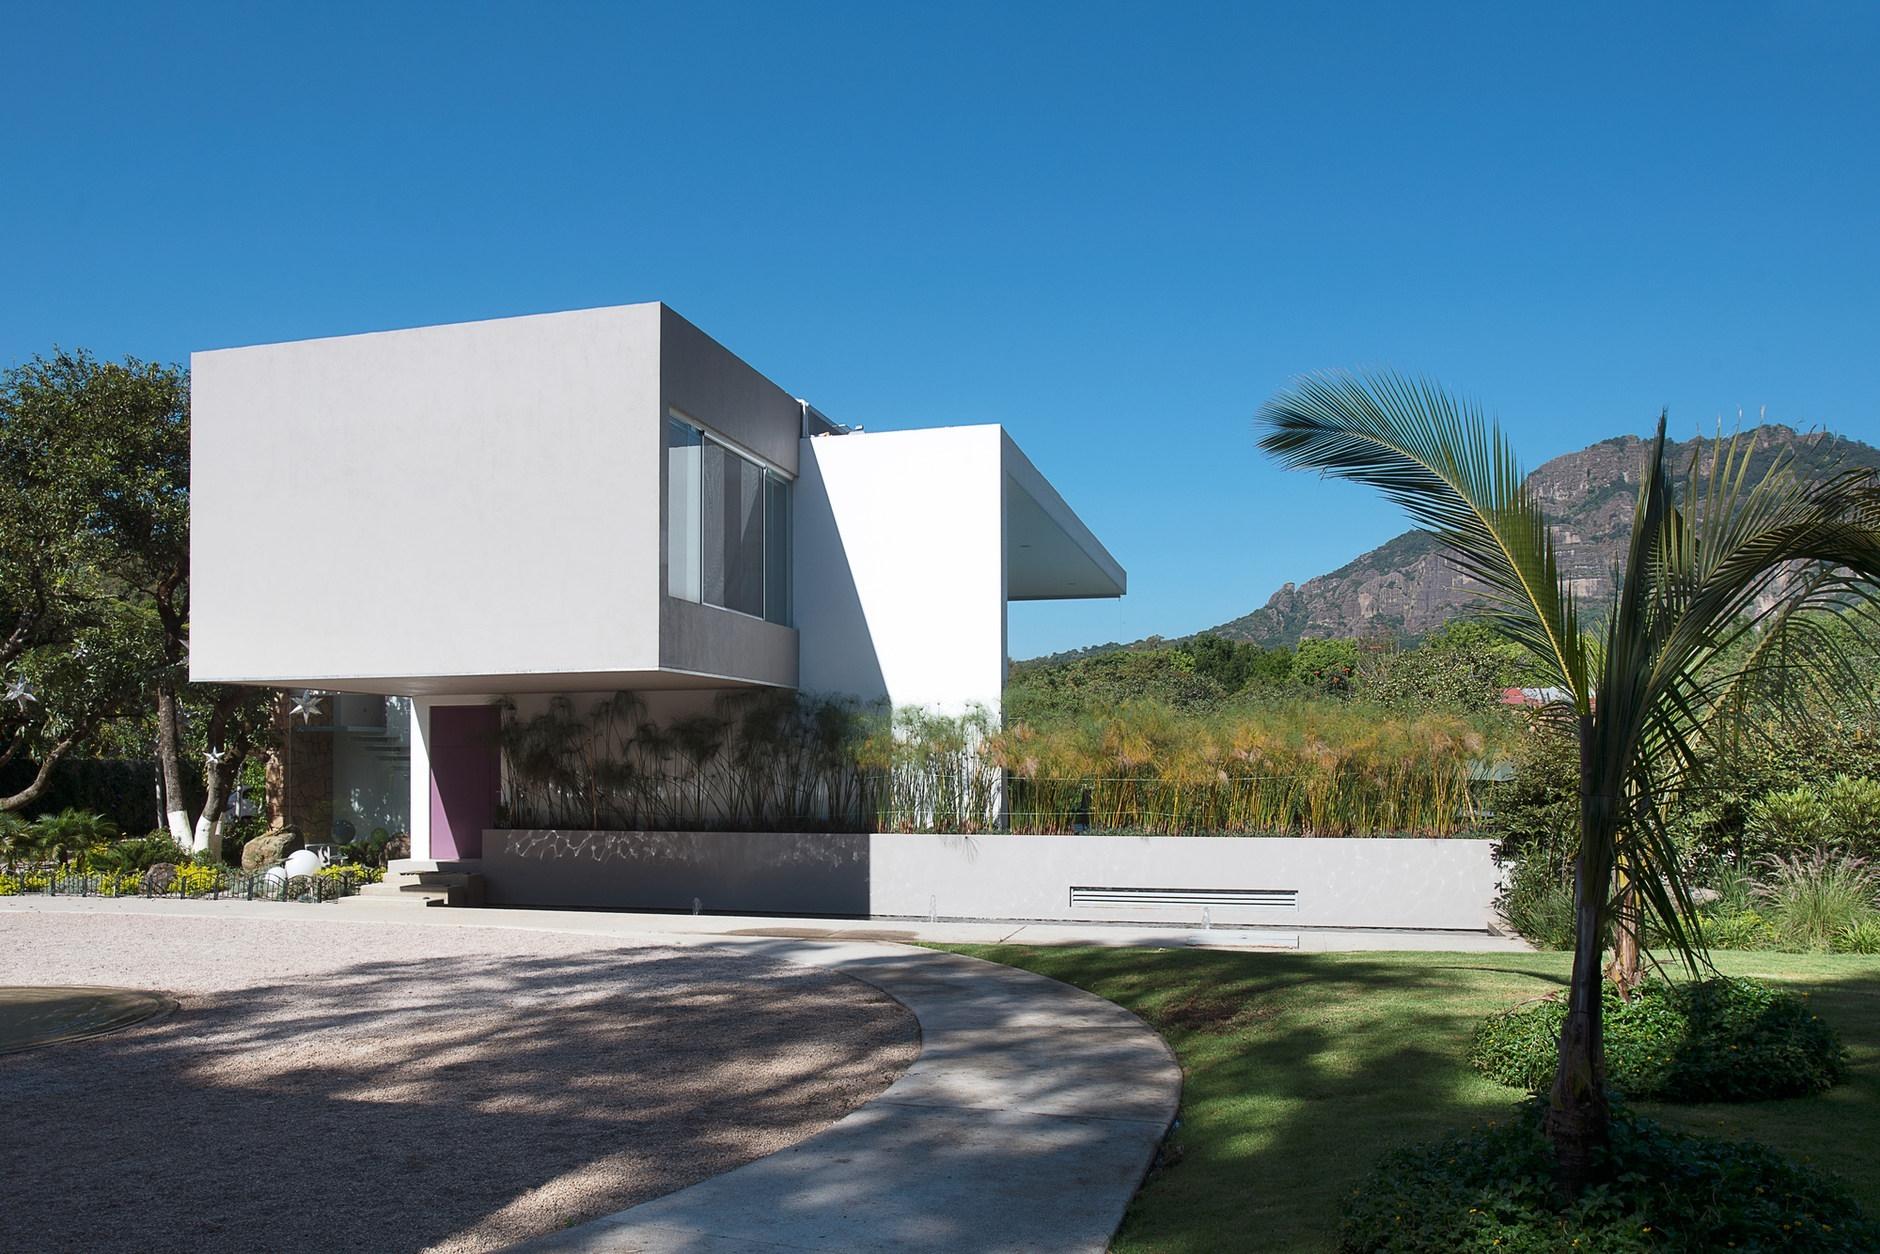 Casa del viento by a 001 taller de arquitectura karmatrendz - Arquitectura de casas ...